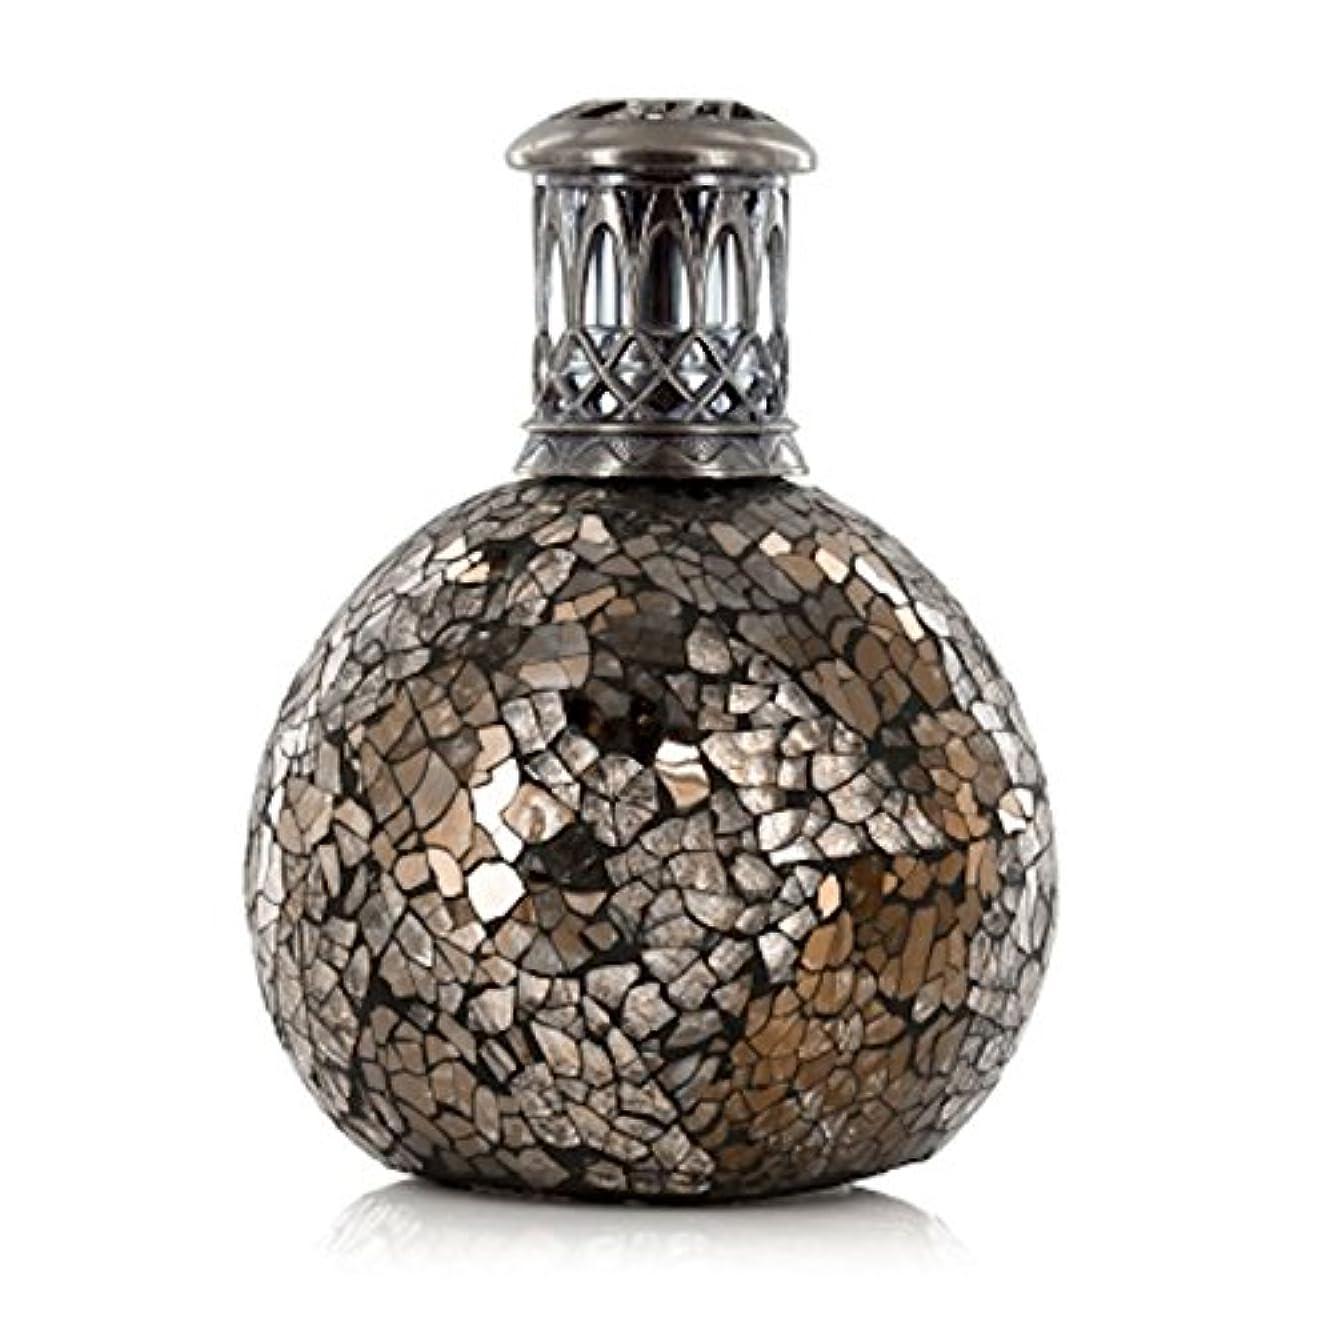 是正石化するうまくいけばアシュレイ&バーウッド(Ashleigh&Burwood) Ashleigh&Burwood フレグランスランプ S メタリックオール FragranceLamps sizeS MetalicOre アシュレイ&バーウッド...